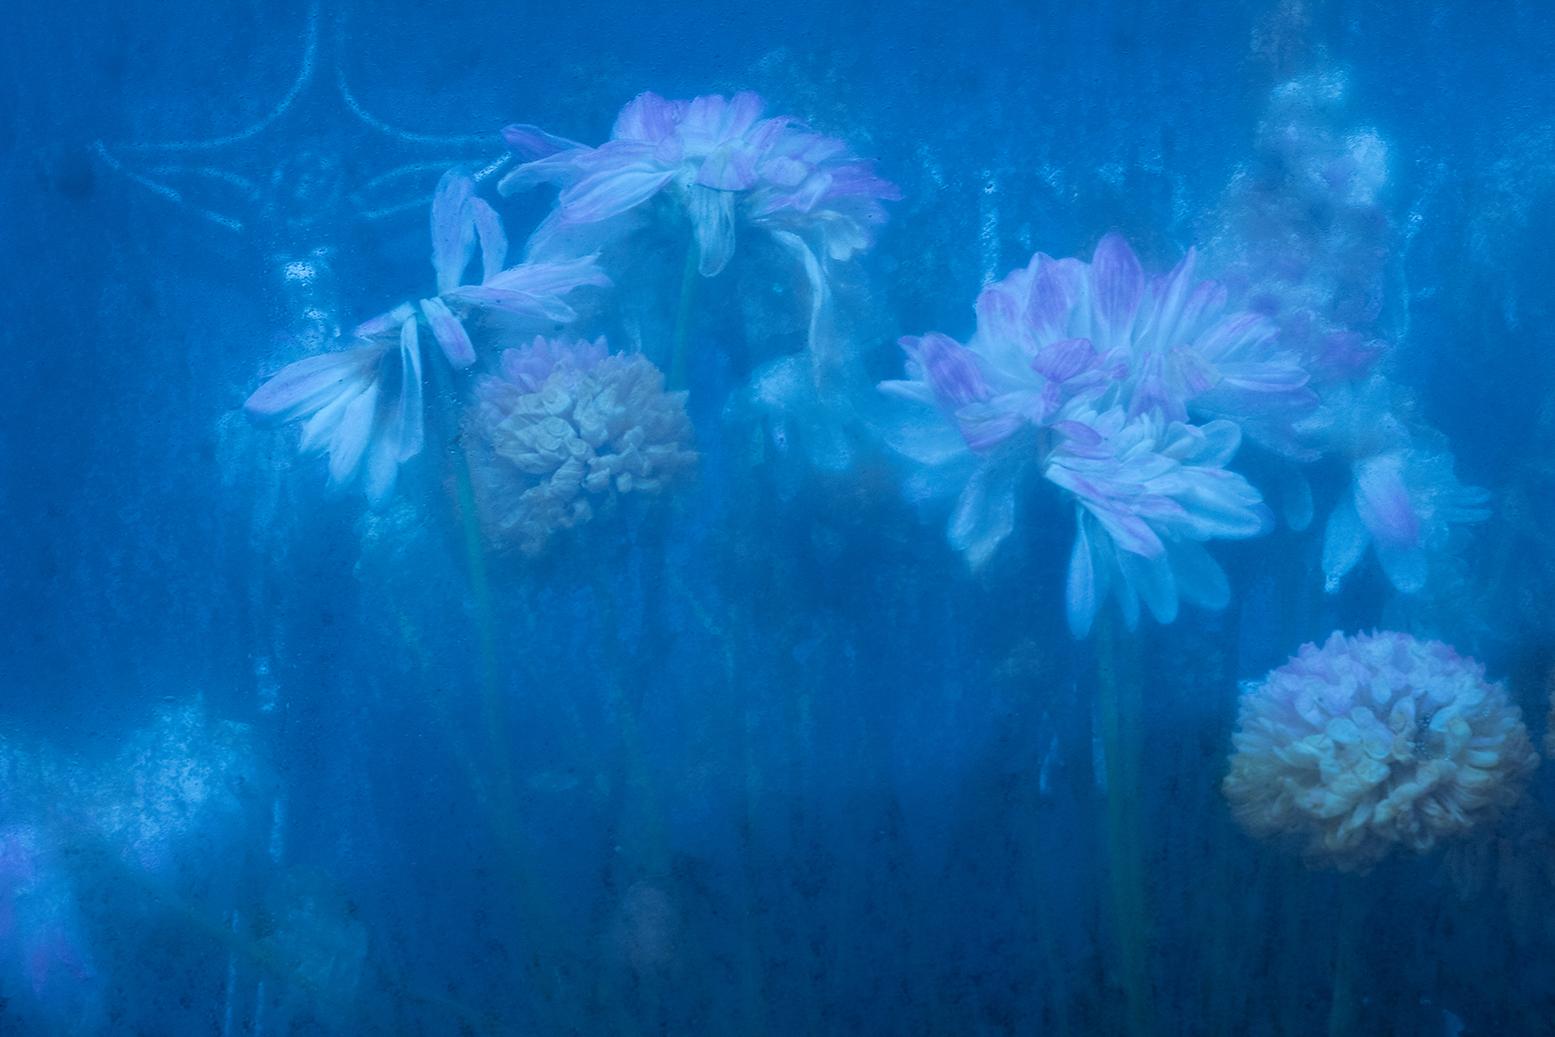 flores perpetuas